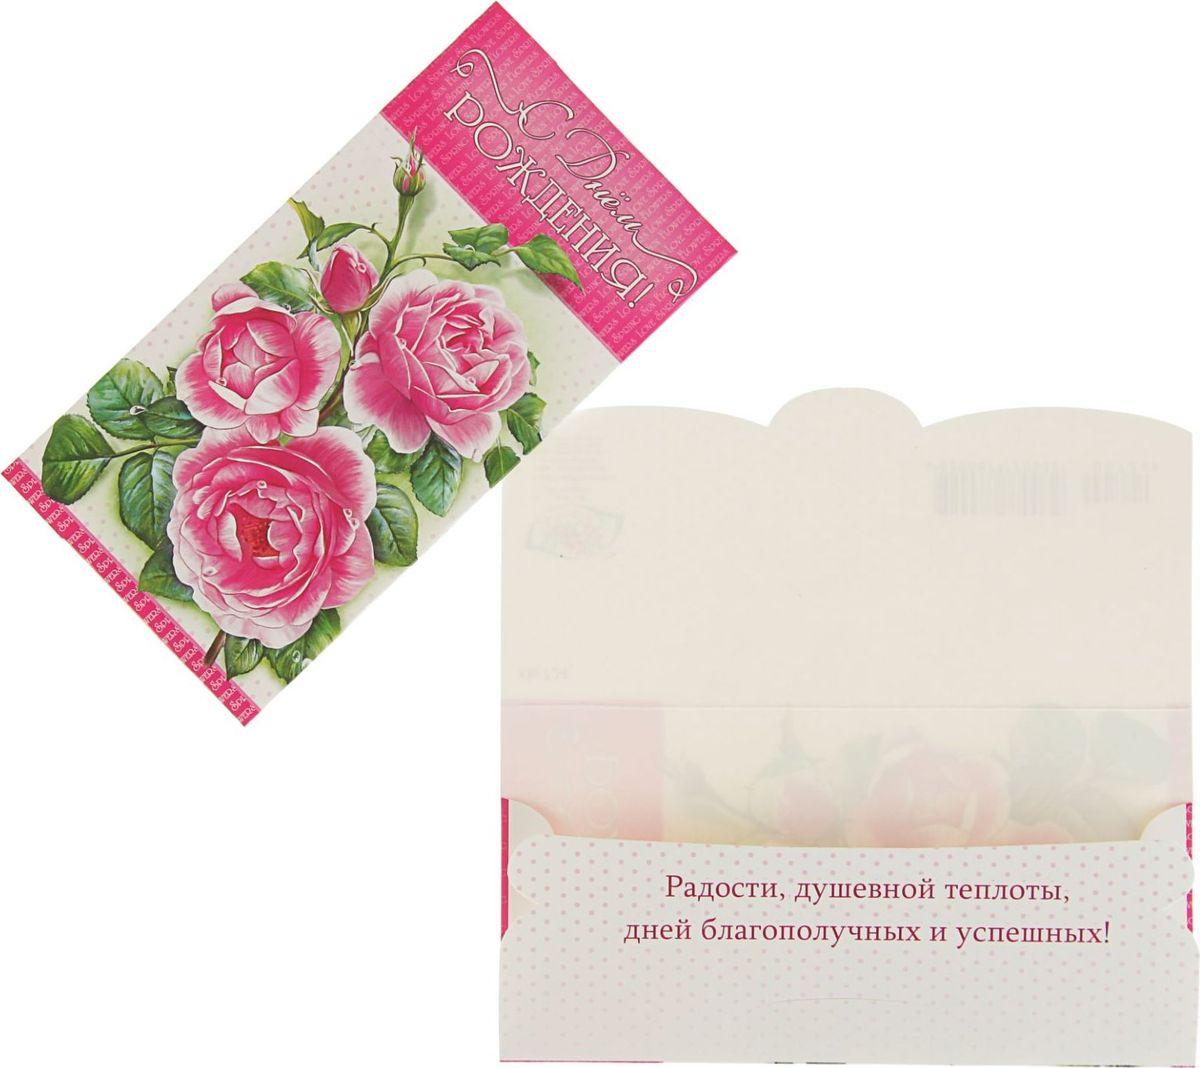 Конверт для денег Эдельвейс С Днем Рождения. Розовые цветы, 16 х 8 см1103014Невозможно представить нашу жизнь без праздников! Мы всегда ждём их и предвкушаем, обдумываем, как проведём памятный день, тщательно выбираем подарки и аксессуары, ведь именно они создают и поддерживают торжественный настрой. Этот конверт для денег - отличный выбор, который привнесёт атмосферу праздника в ваш дом!